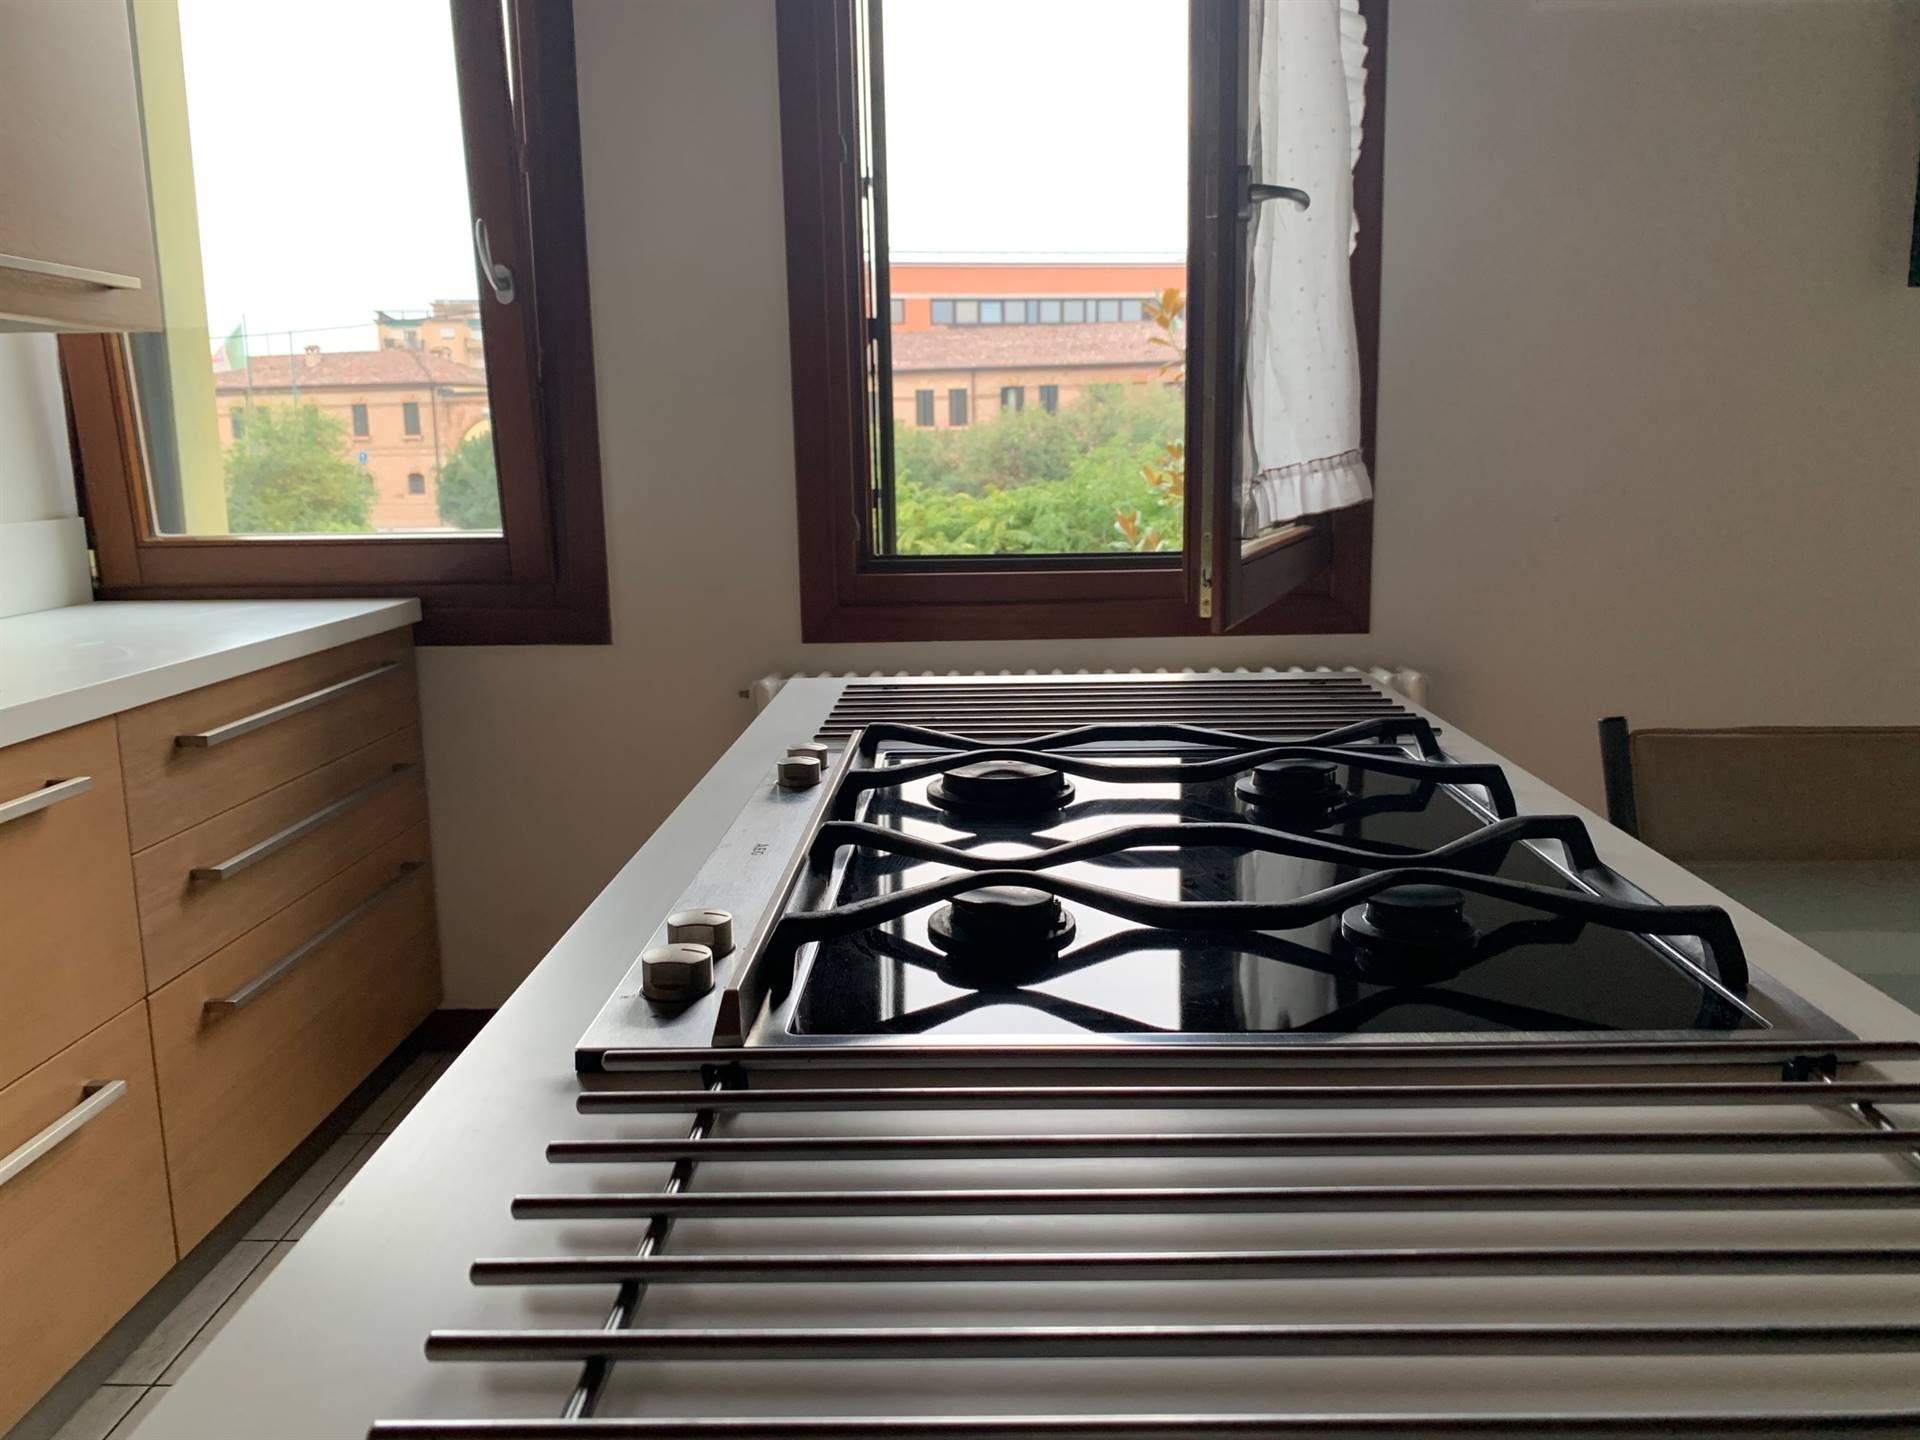 cucina abitabile appartamento euro 169000